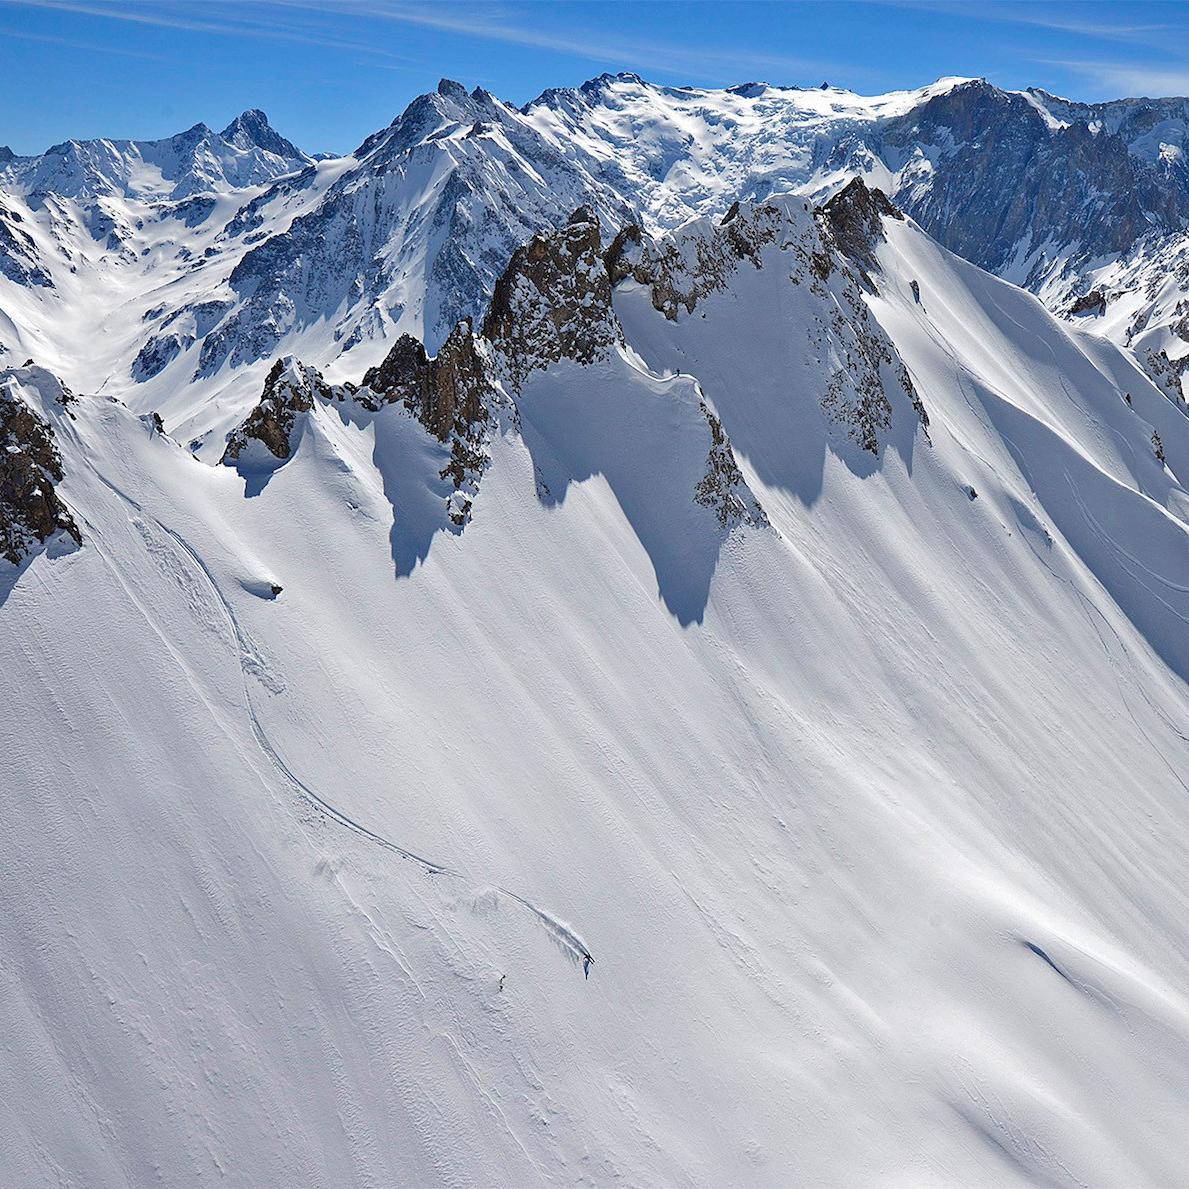 13 Km Sin Parar | Dónde Queda La Pista de Ski Más Larga deSudamérica